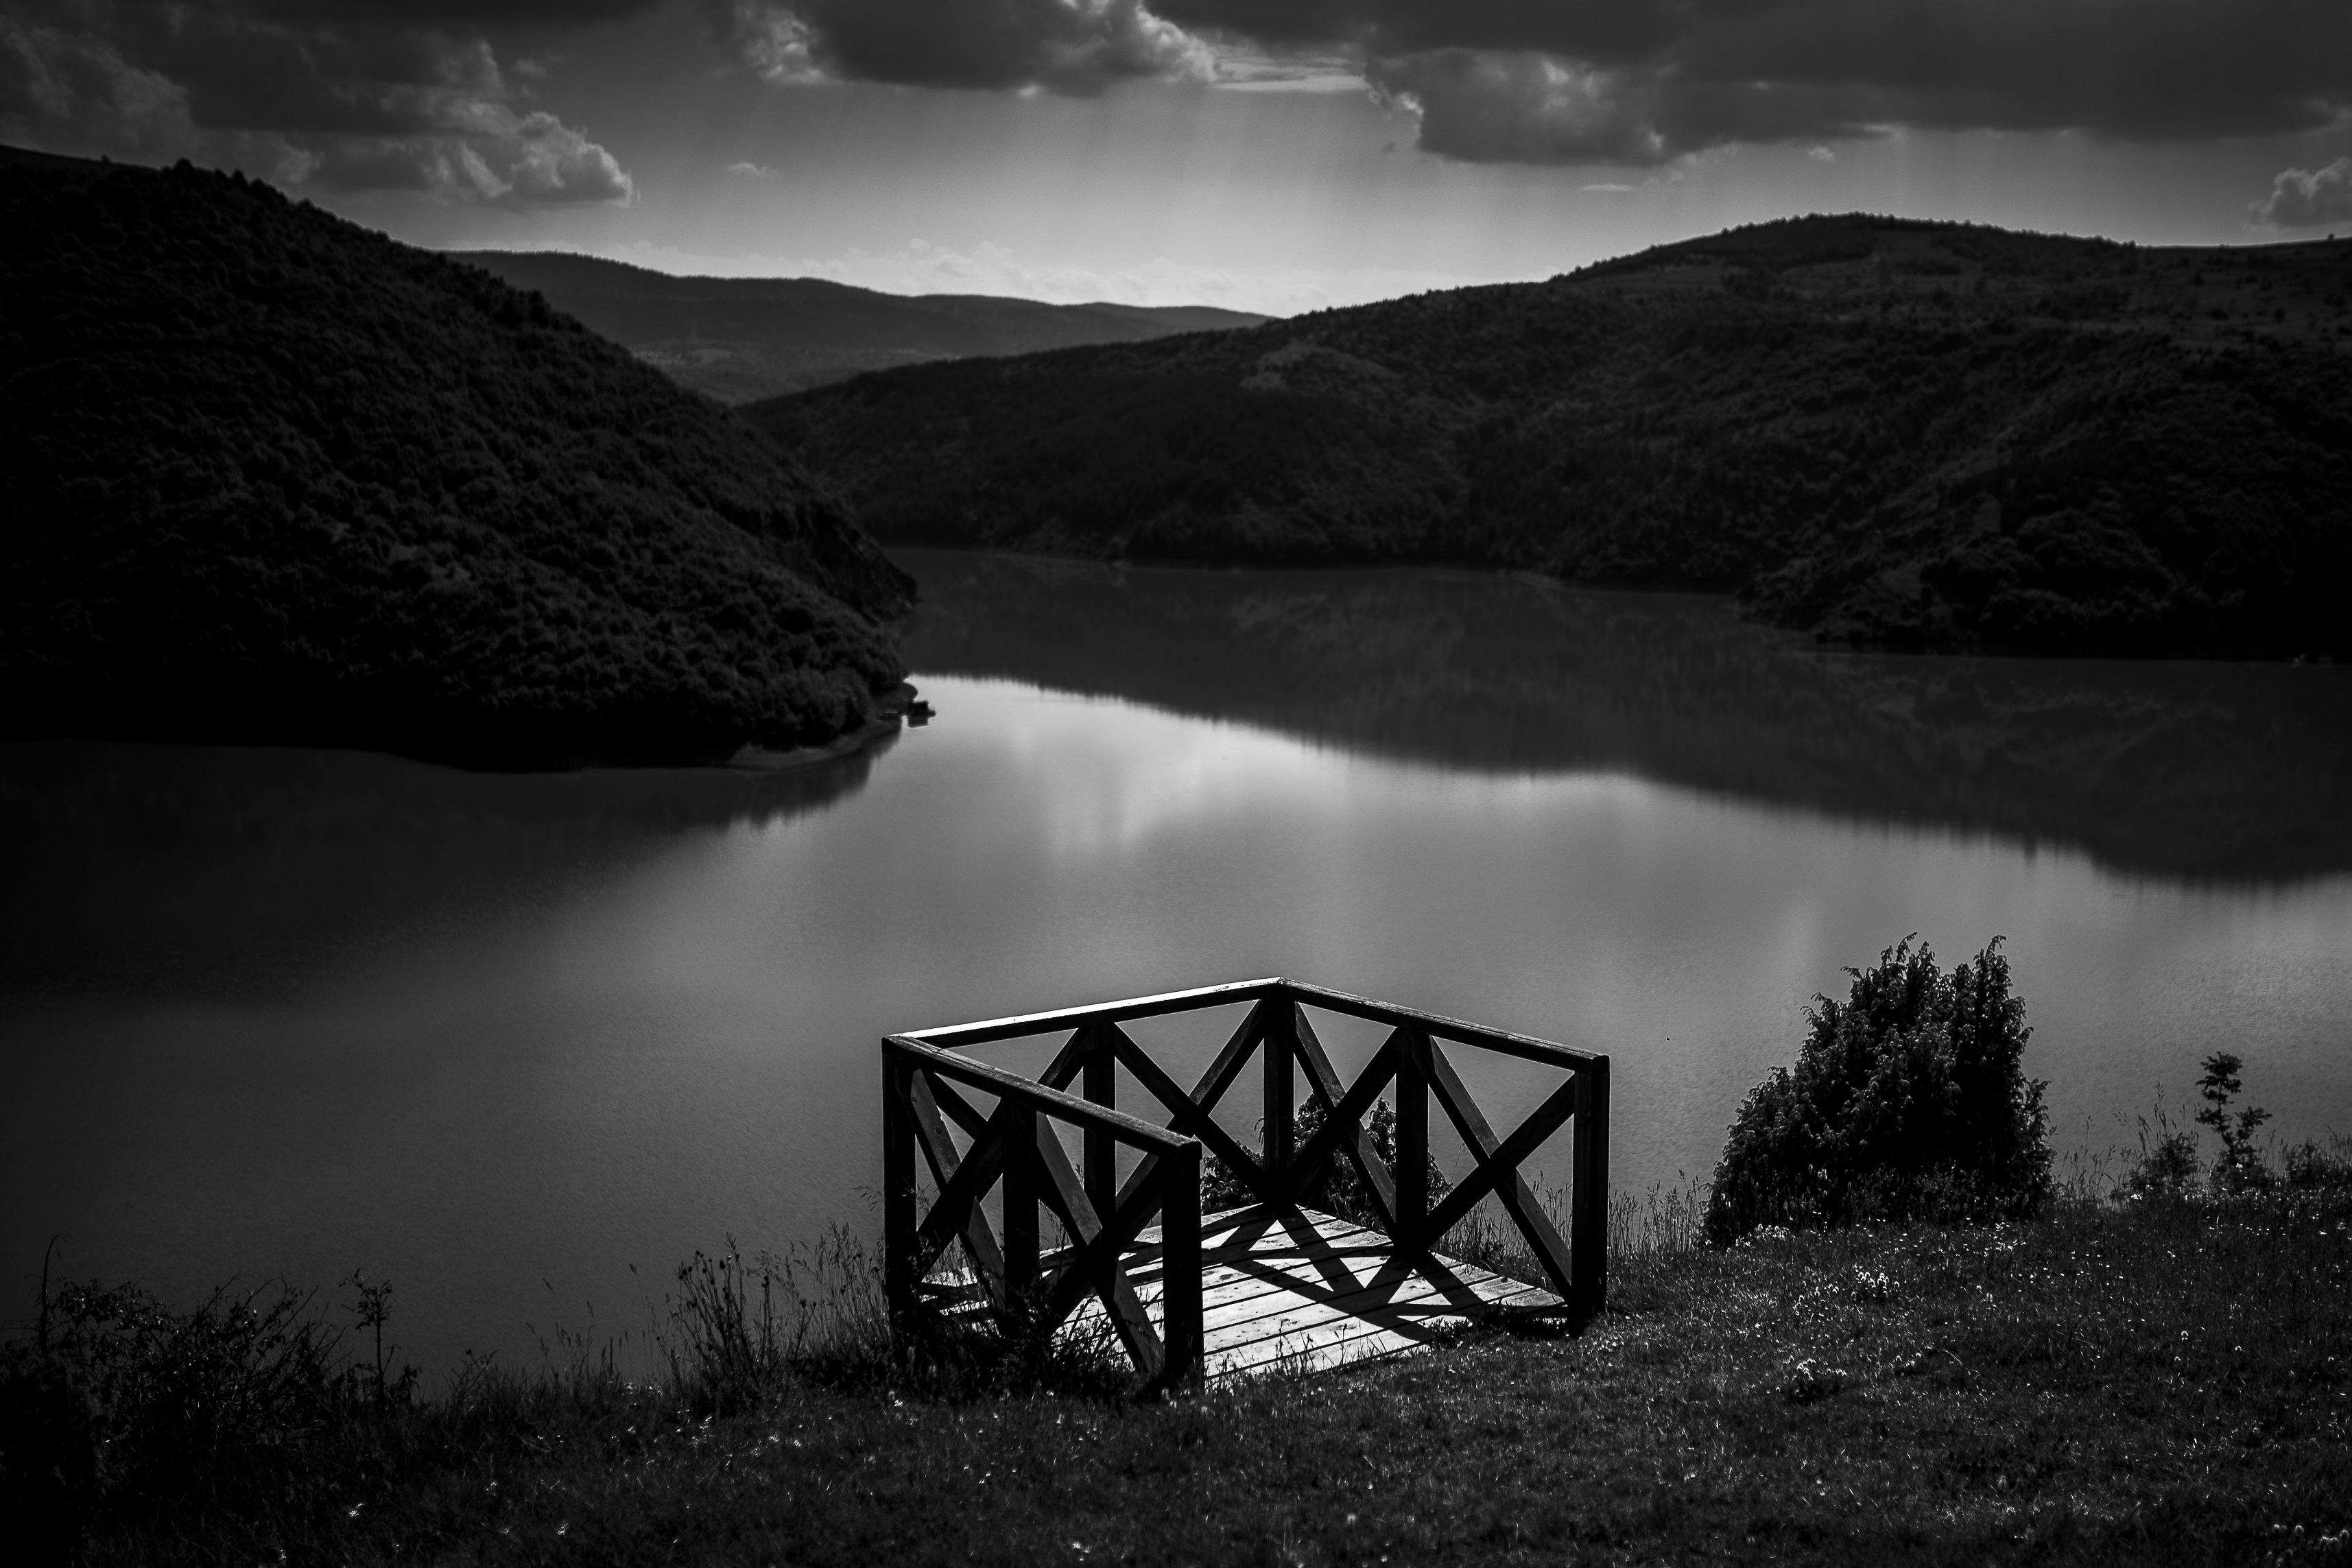 Bielik István: Szerbia, Uvac, 2017 © Bielik István